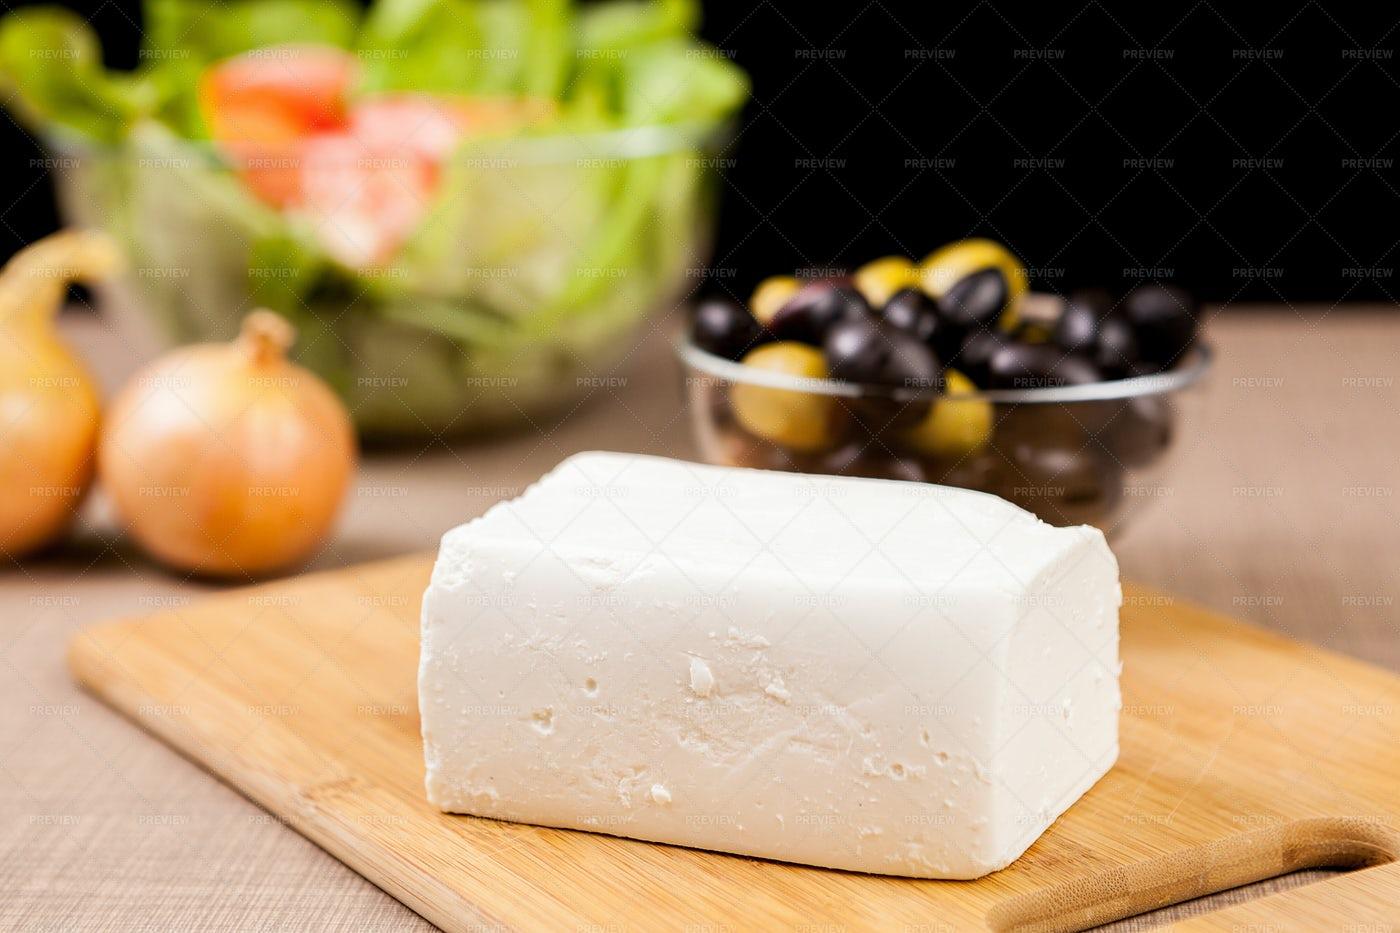 Feta Cheese On A Wooden Board: Stock Photos